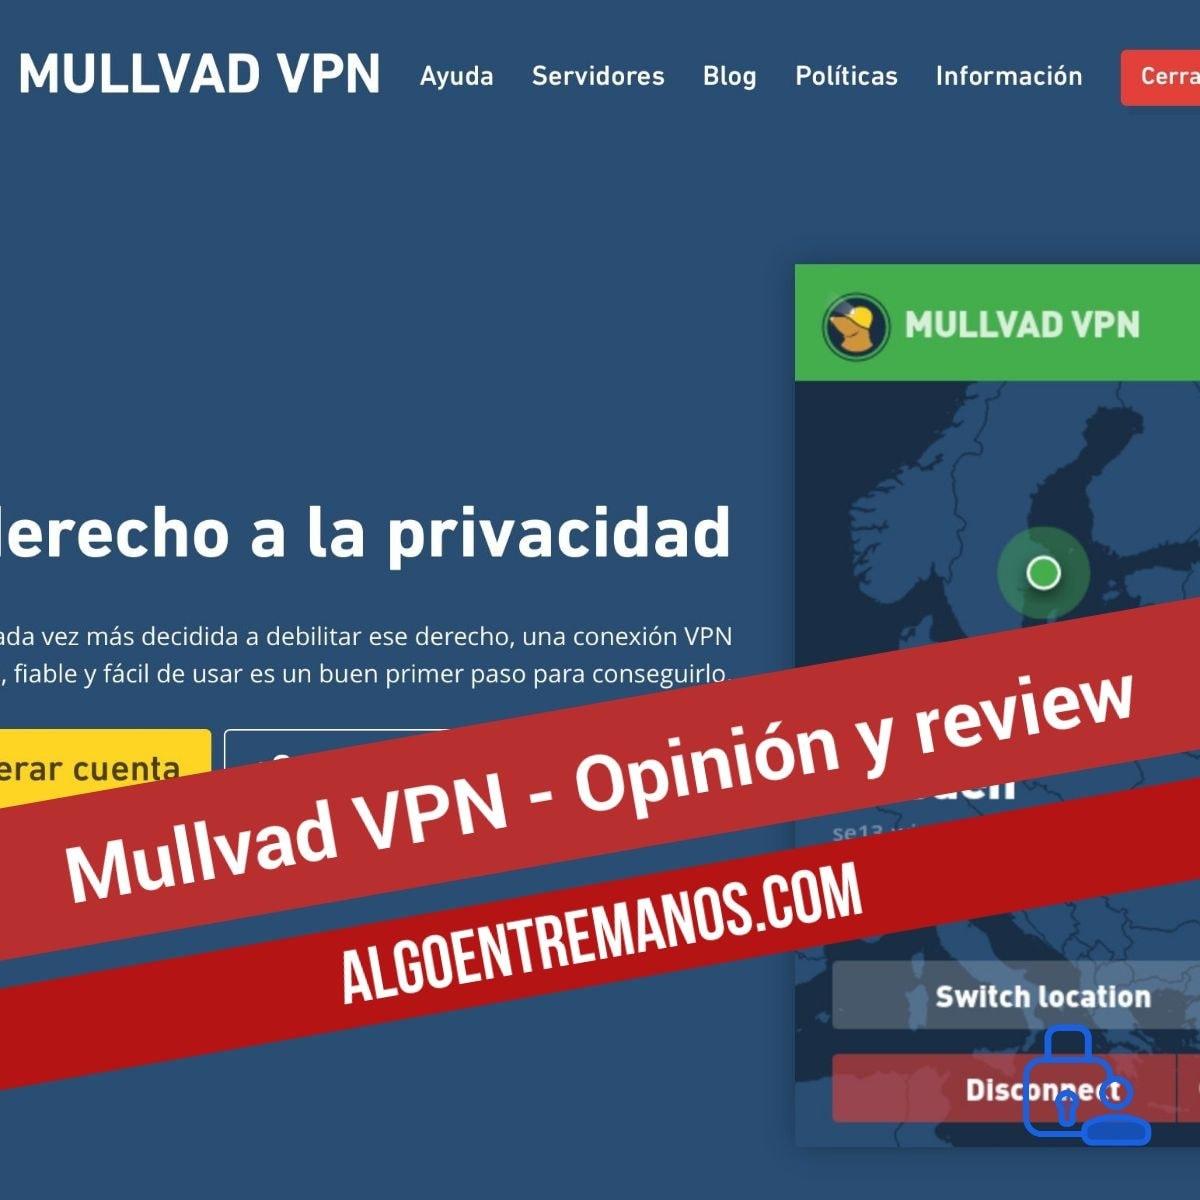 Mullvad VPN - Opinión y review